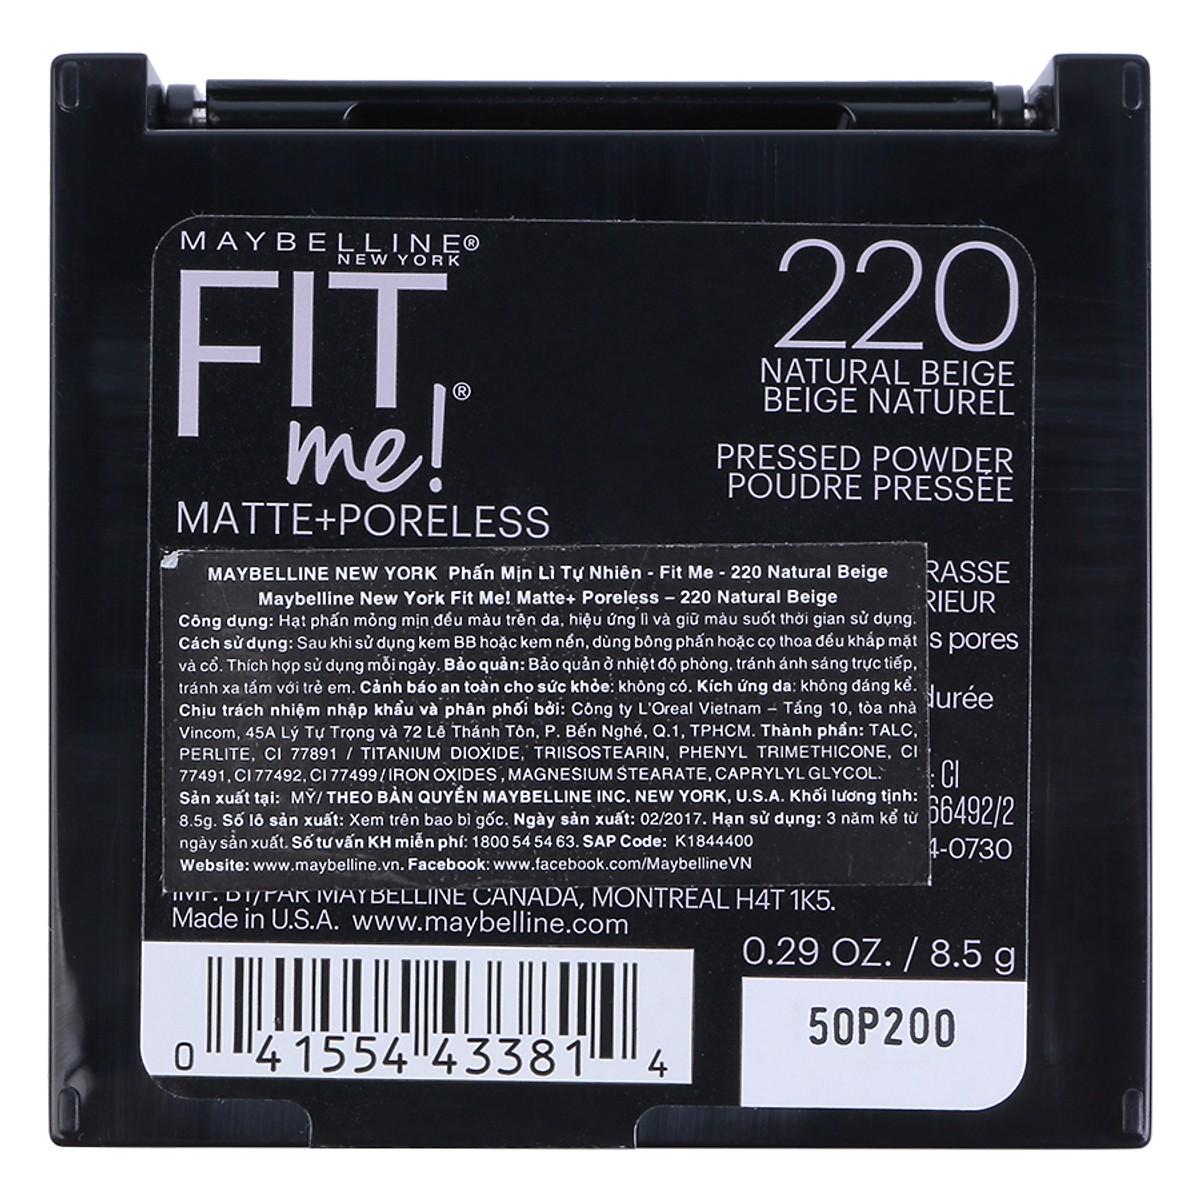 Phấn Phủ Mịn Lì Tự Nhiên Maybelline Fit Me Matte Poreless Màu 120 2